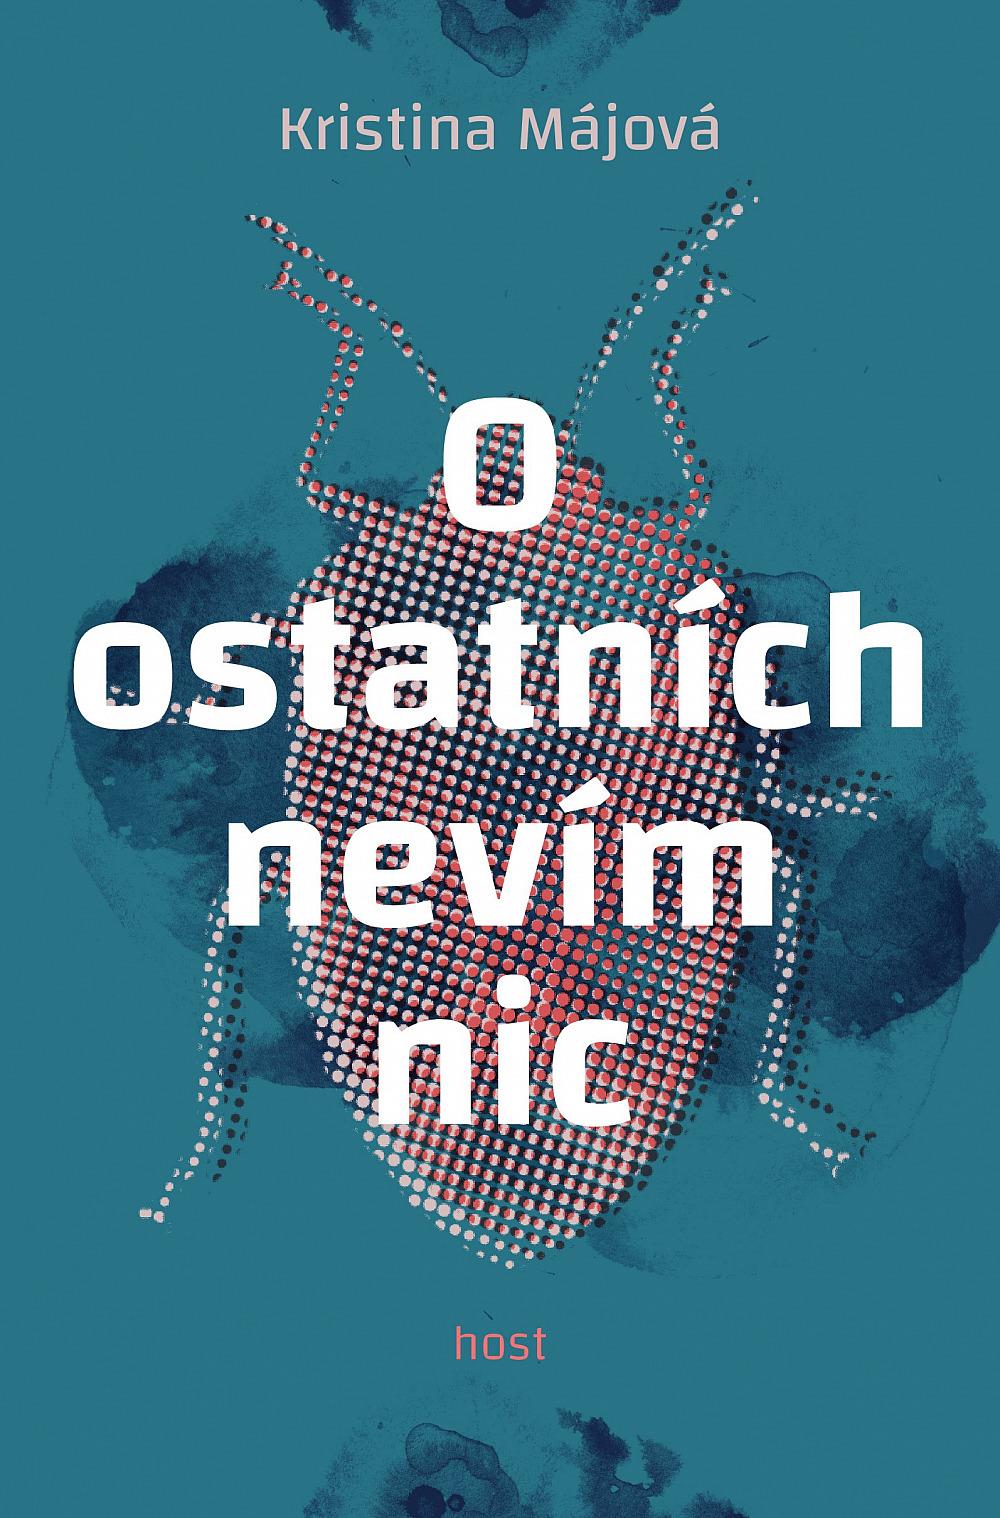 O ostatních nevím nic - Kristina Májová | Databáze knih